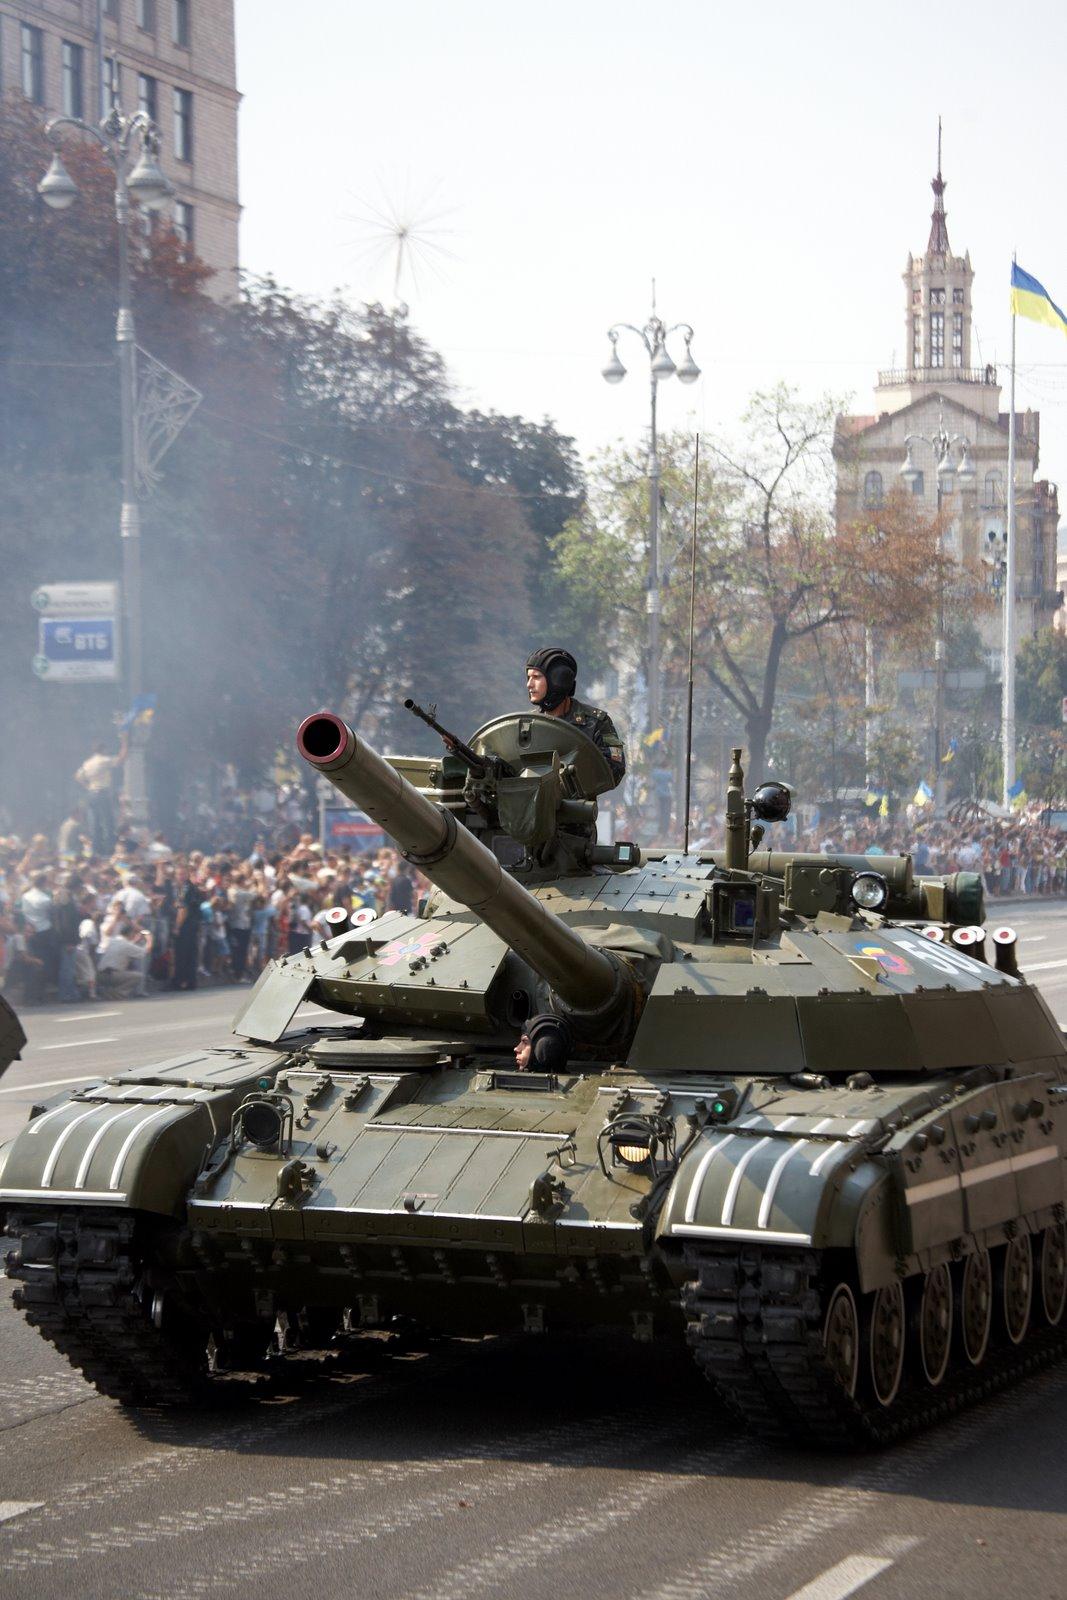 Description t-64 tanks of the ukrainian army